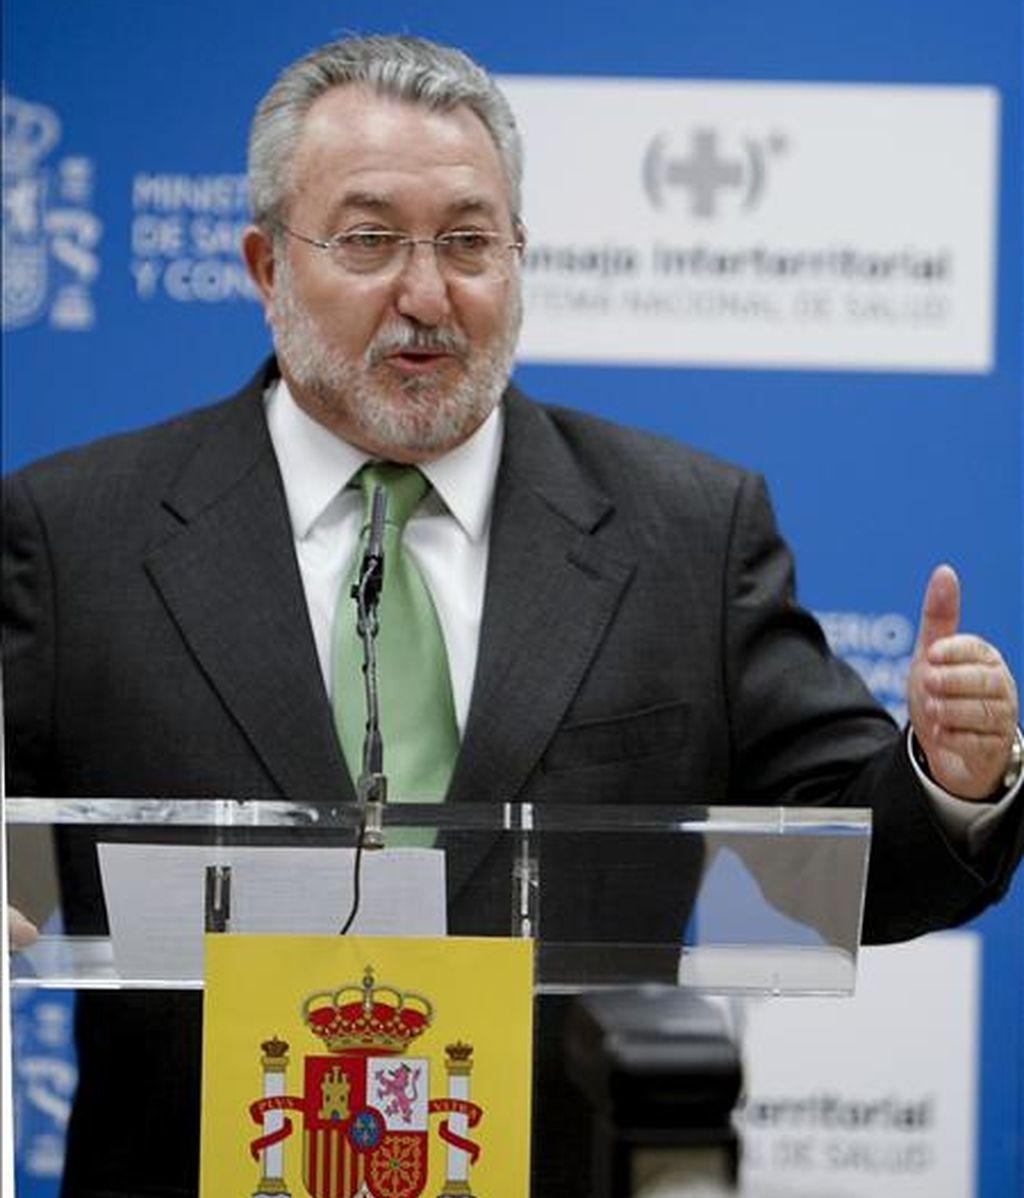 El ministro de Sanidad, Bernat Soria. EFE/Archivo